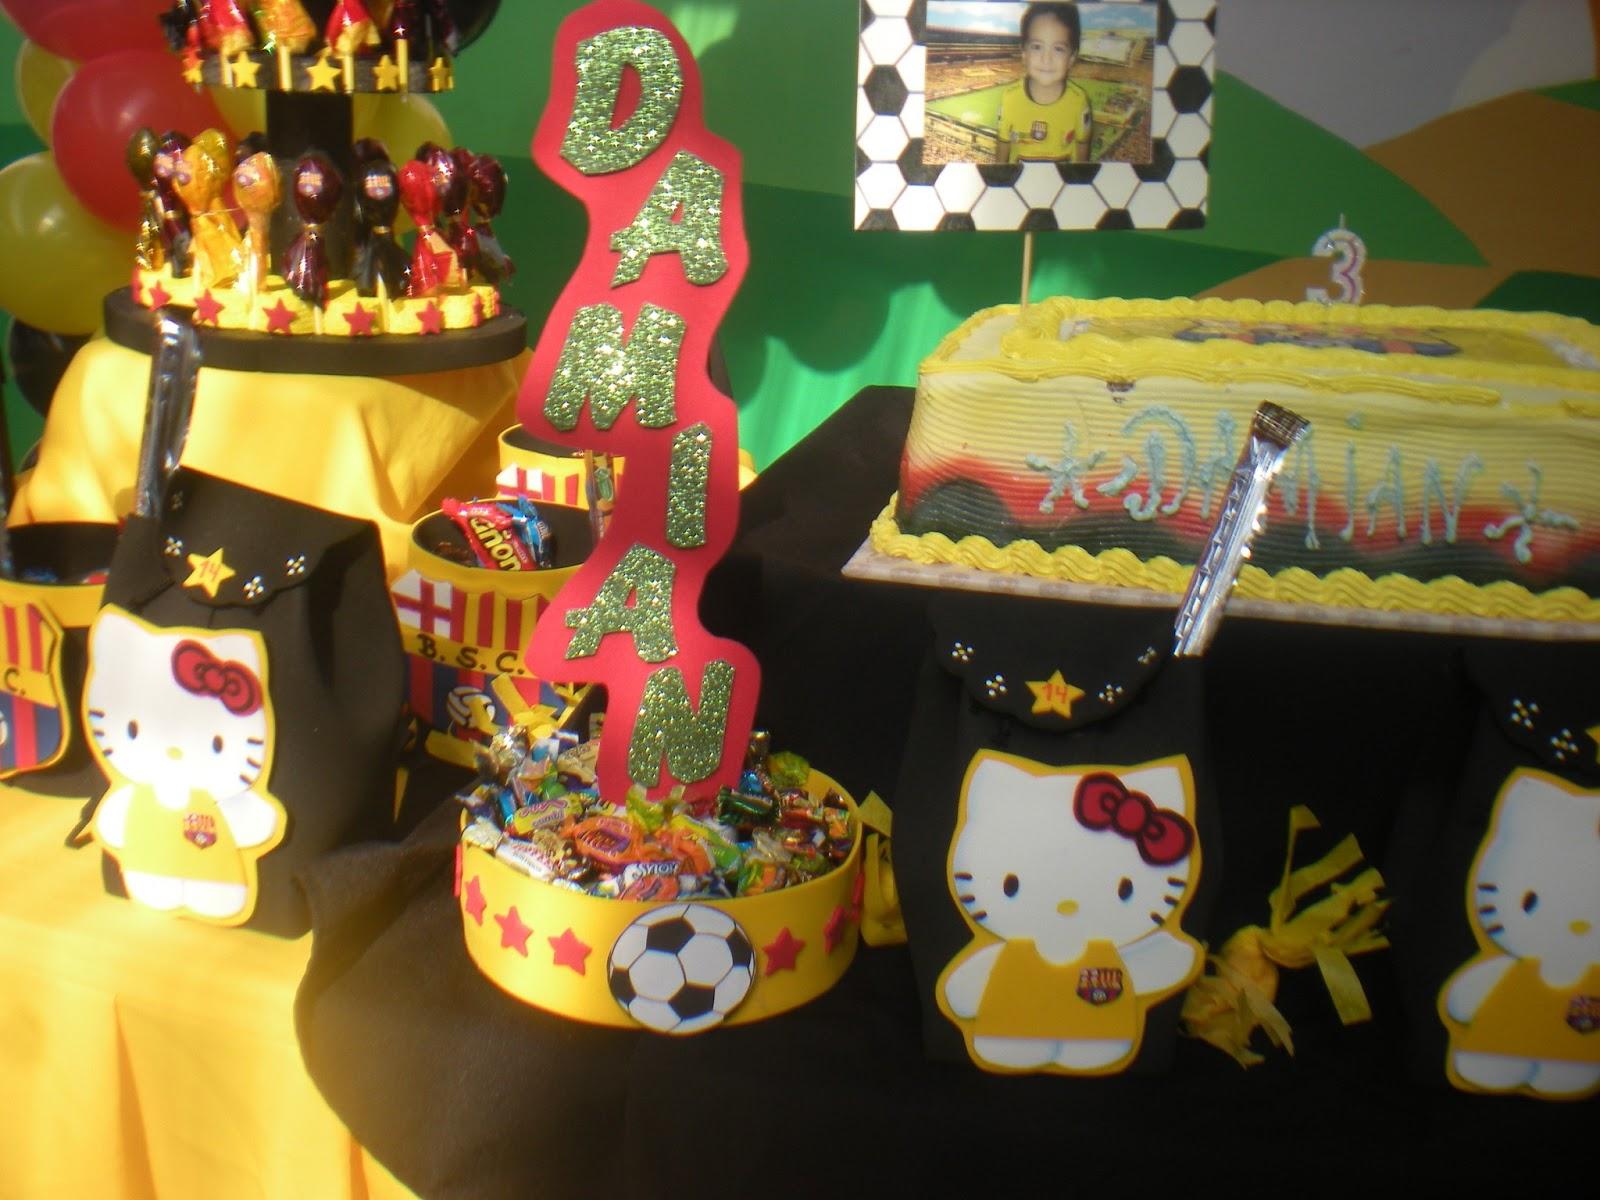 Mi dulce sorpresa abril 2013 - Lucio barcelona decoracion ...